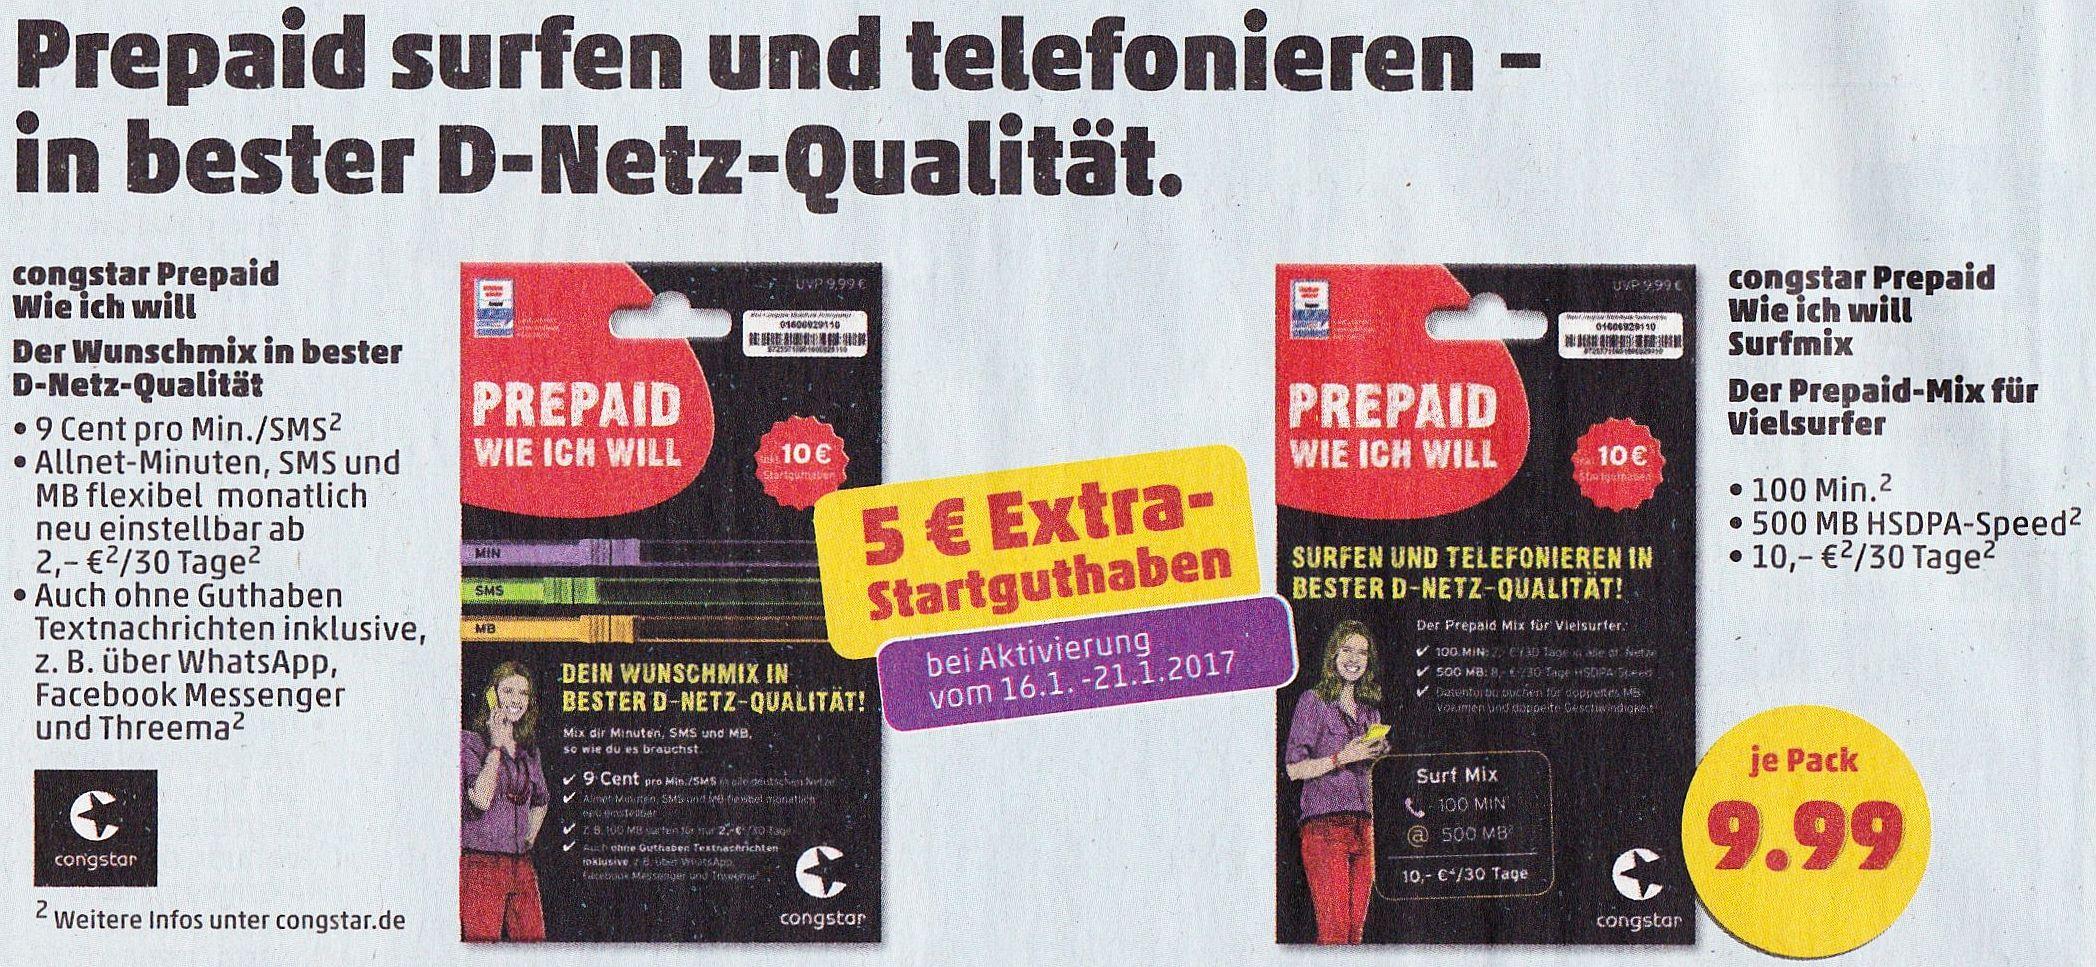 Penny congstar Prepaid Wie ich will 5€ extra Startguthaben